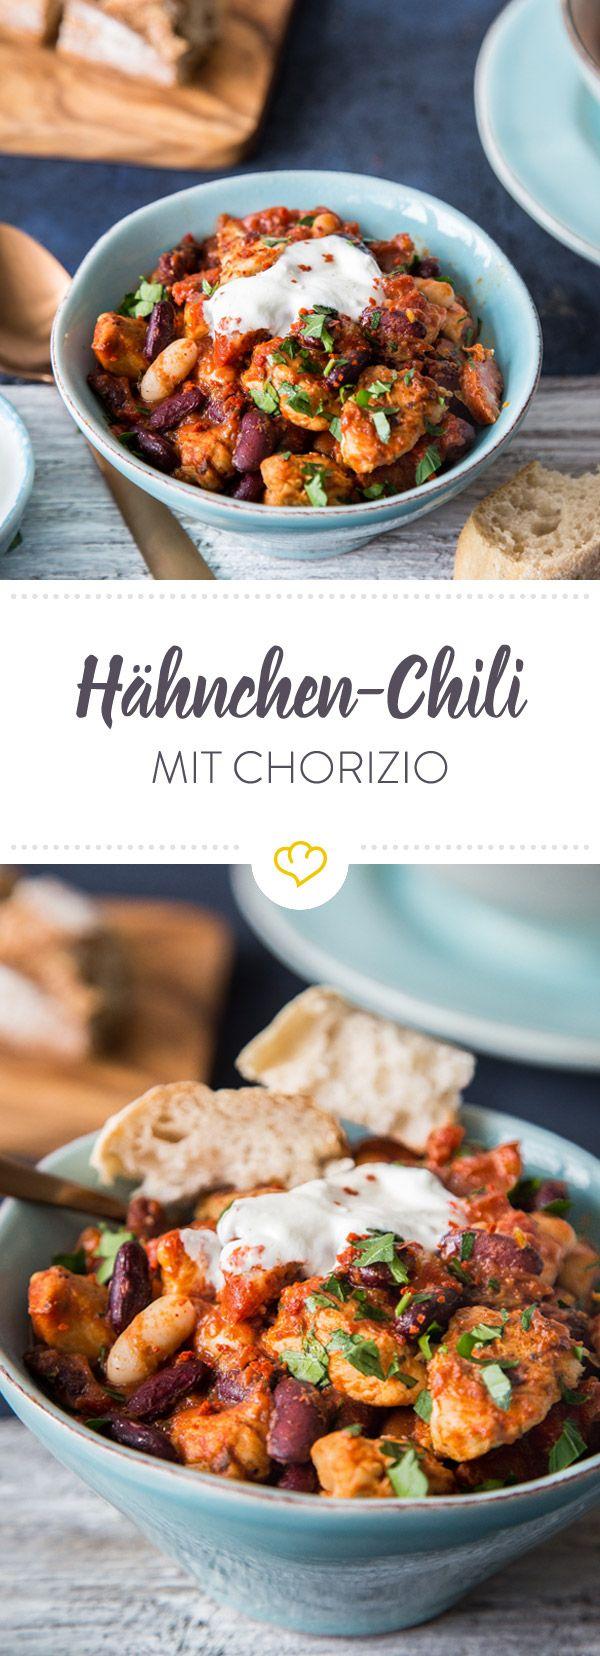 Für das Hähnchen-Chorizo-Chili stehst du keine 30 Minuten in der Küche und kannst in Windeseile deinen Feierabend in der Abendsonne genießen.